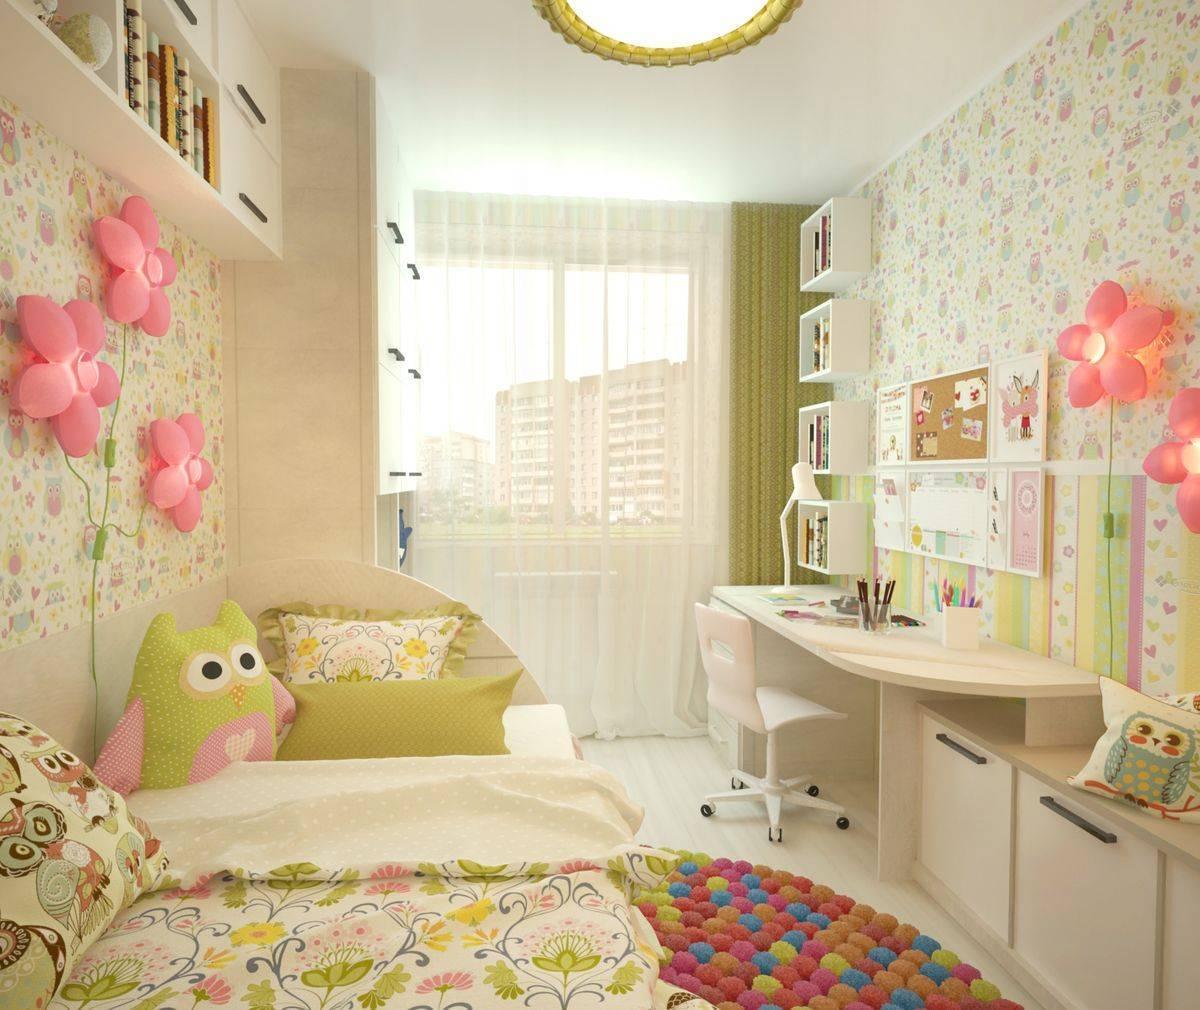 Обои для детской комнаты для девочек: фотообои и комбинирование материалов | детская | vpolozhenii.com